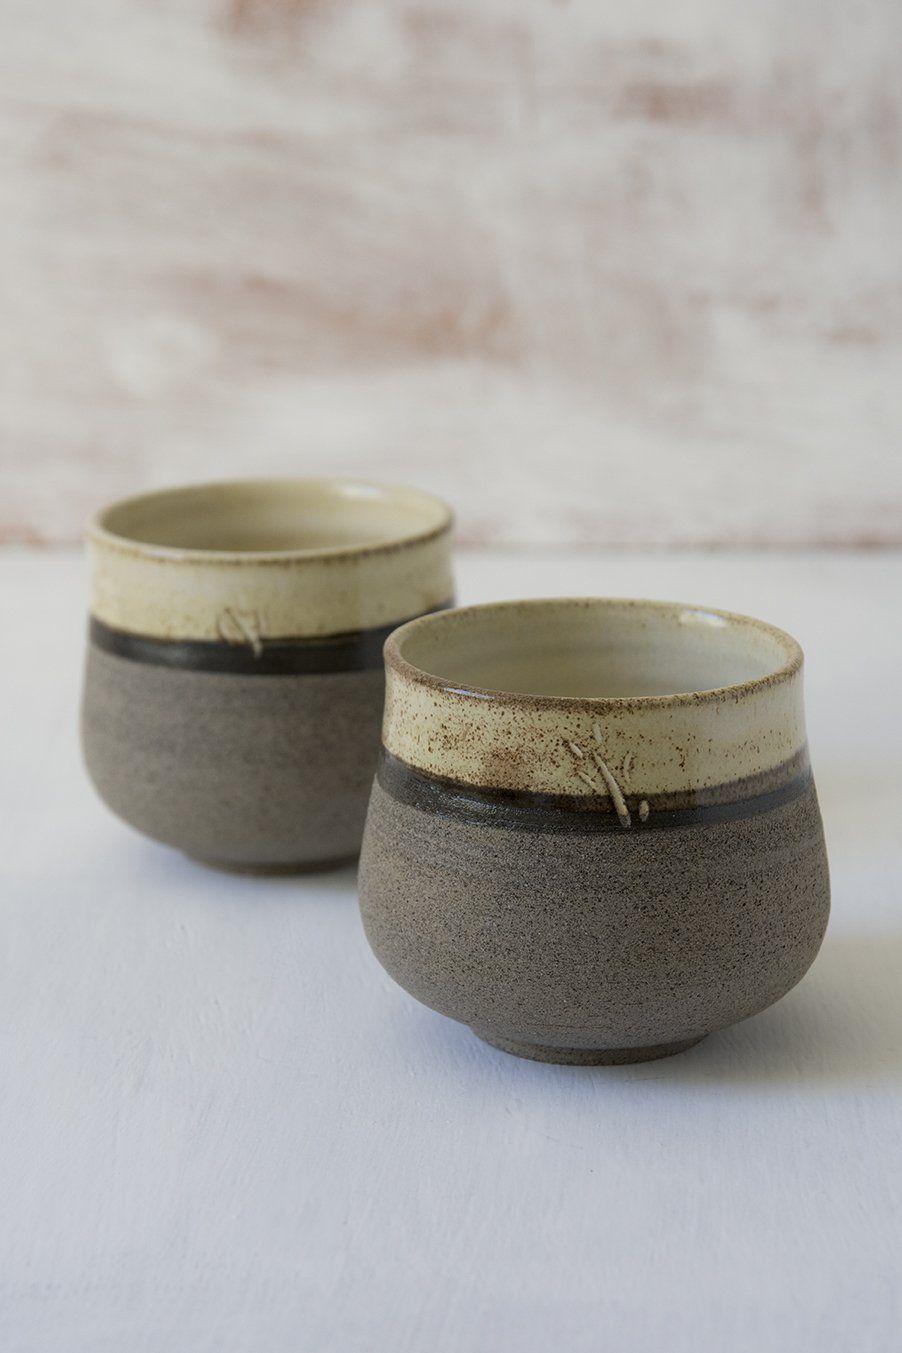 Yellow Ceramic Mugs Without Handles #ceramicmugs